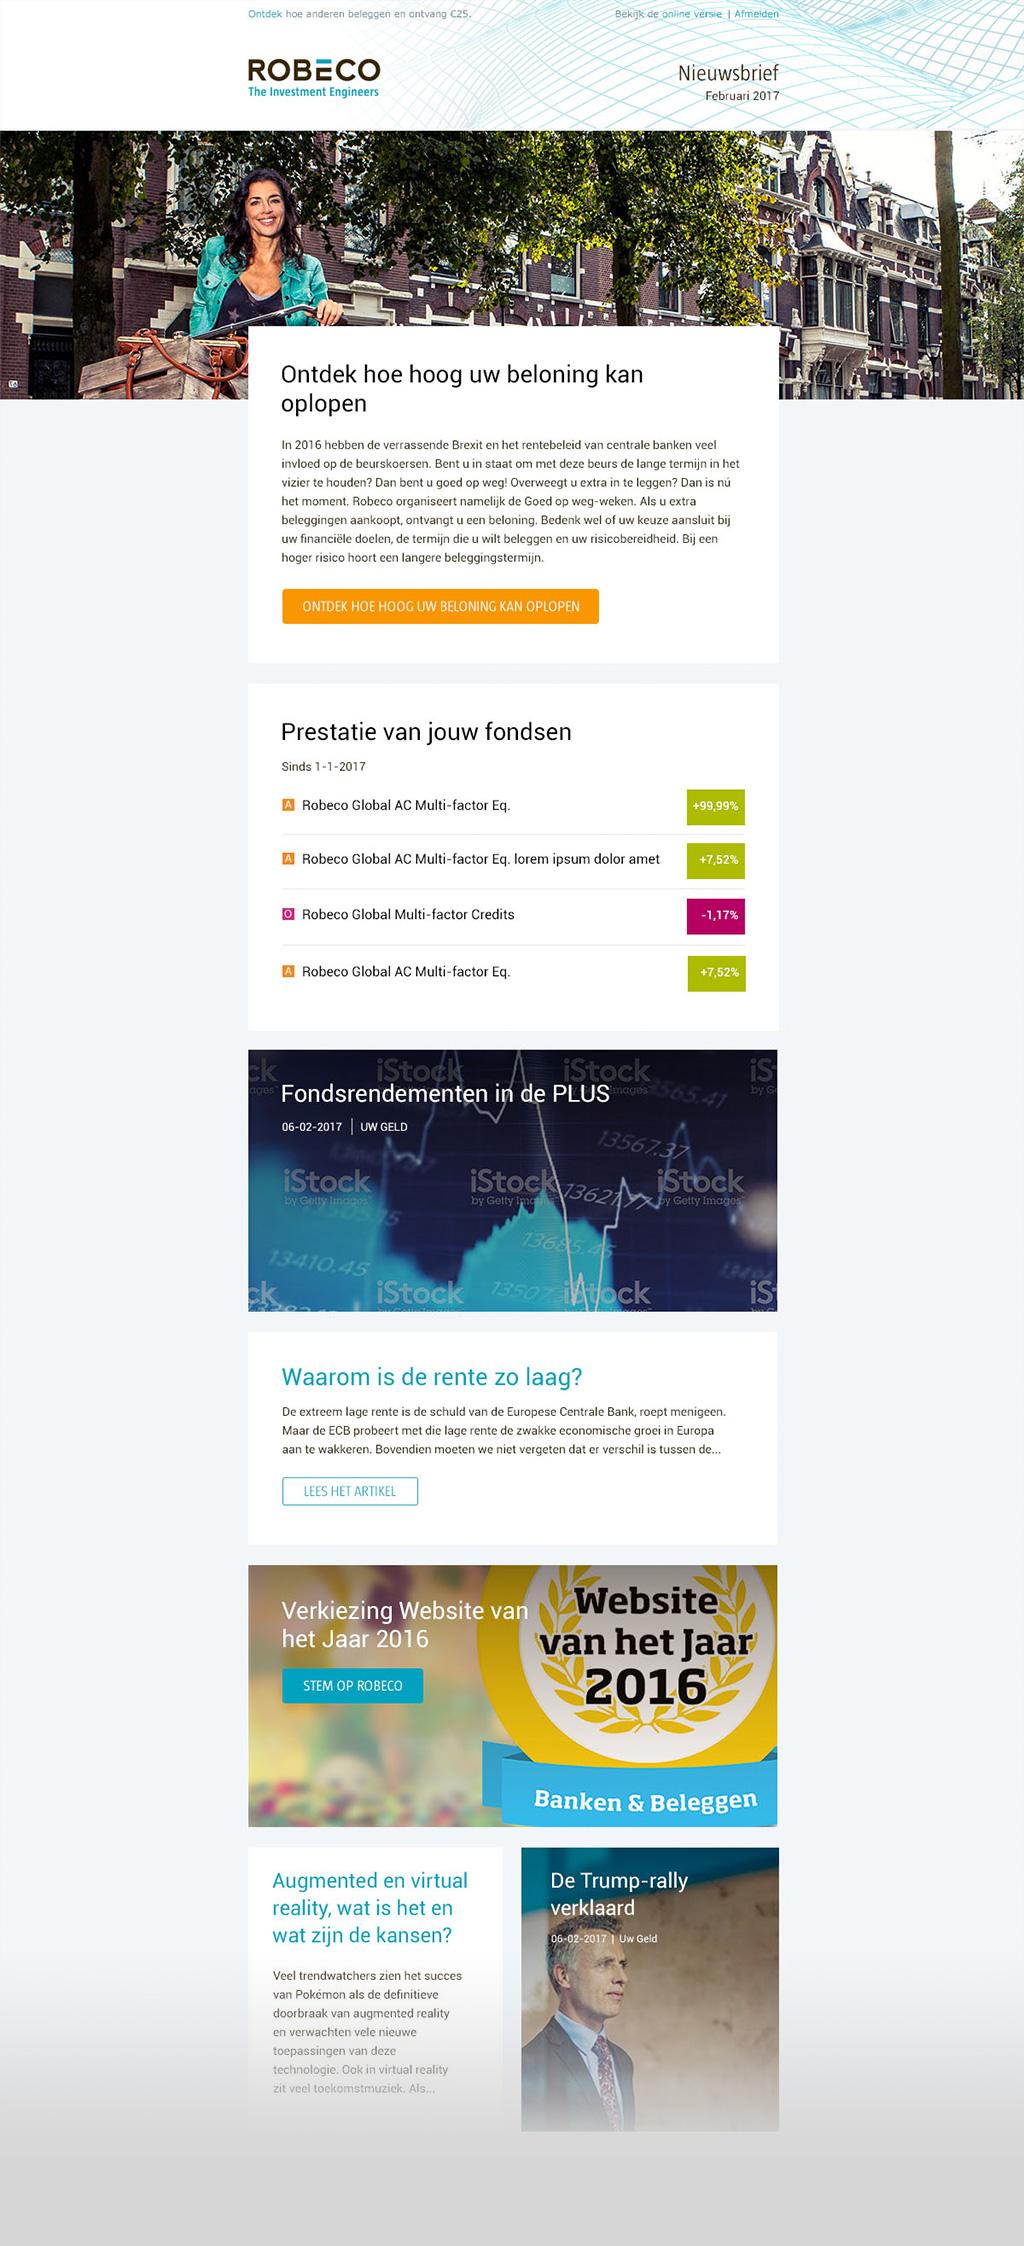 Afbeelding 4 van 6 - Re-design E-mail template - Robeco web + mobile app optimalisaties